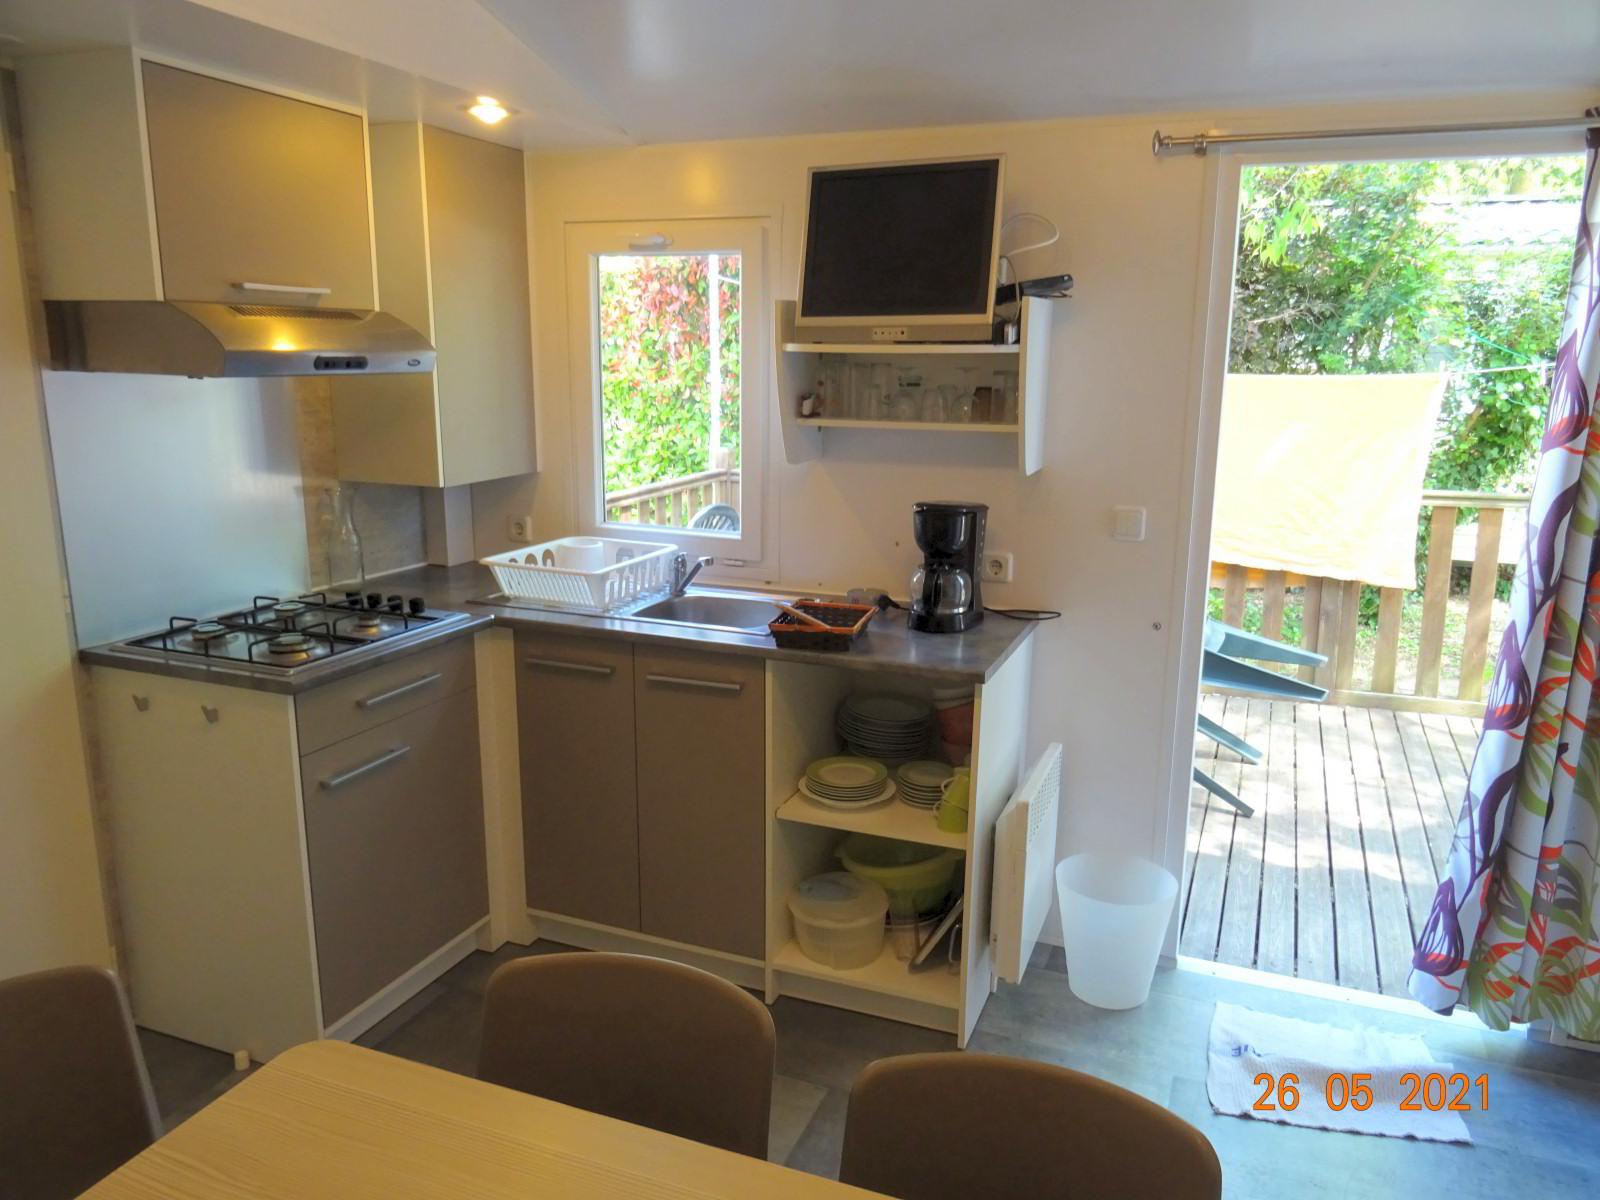 Mobilheim mit 3 Schlafzimmern, ausgestattete Küche